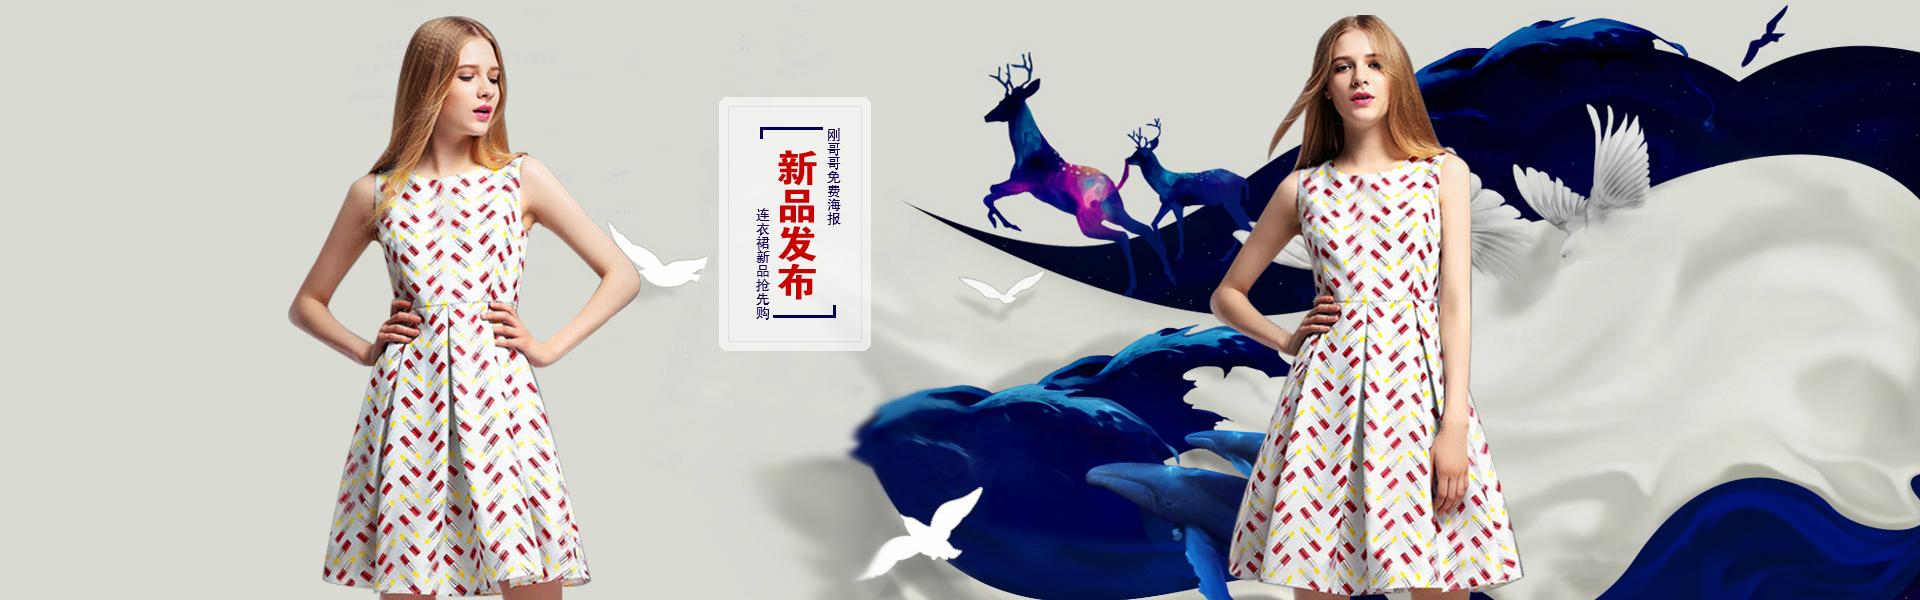 蓝色时尚女装连衣裙新品上市2015新品抢先购淘宝店铺天猫旺铺装修全屏海报图片在线制作